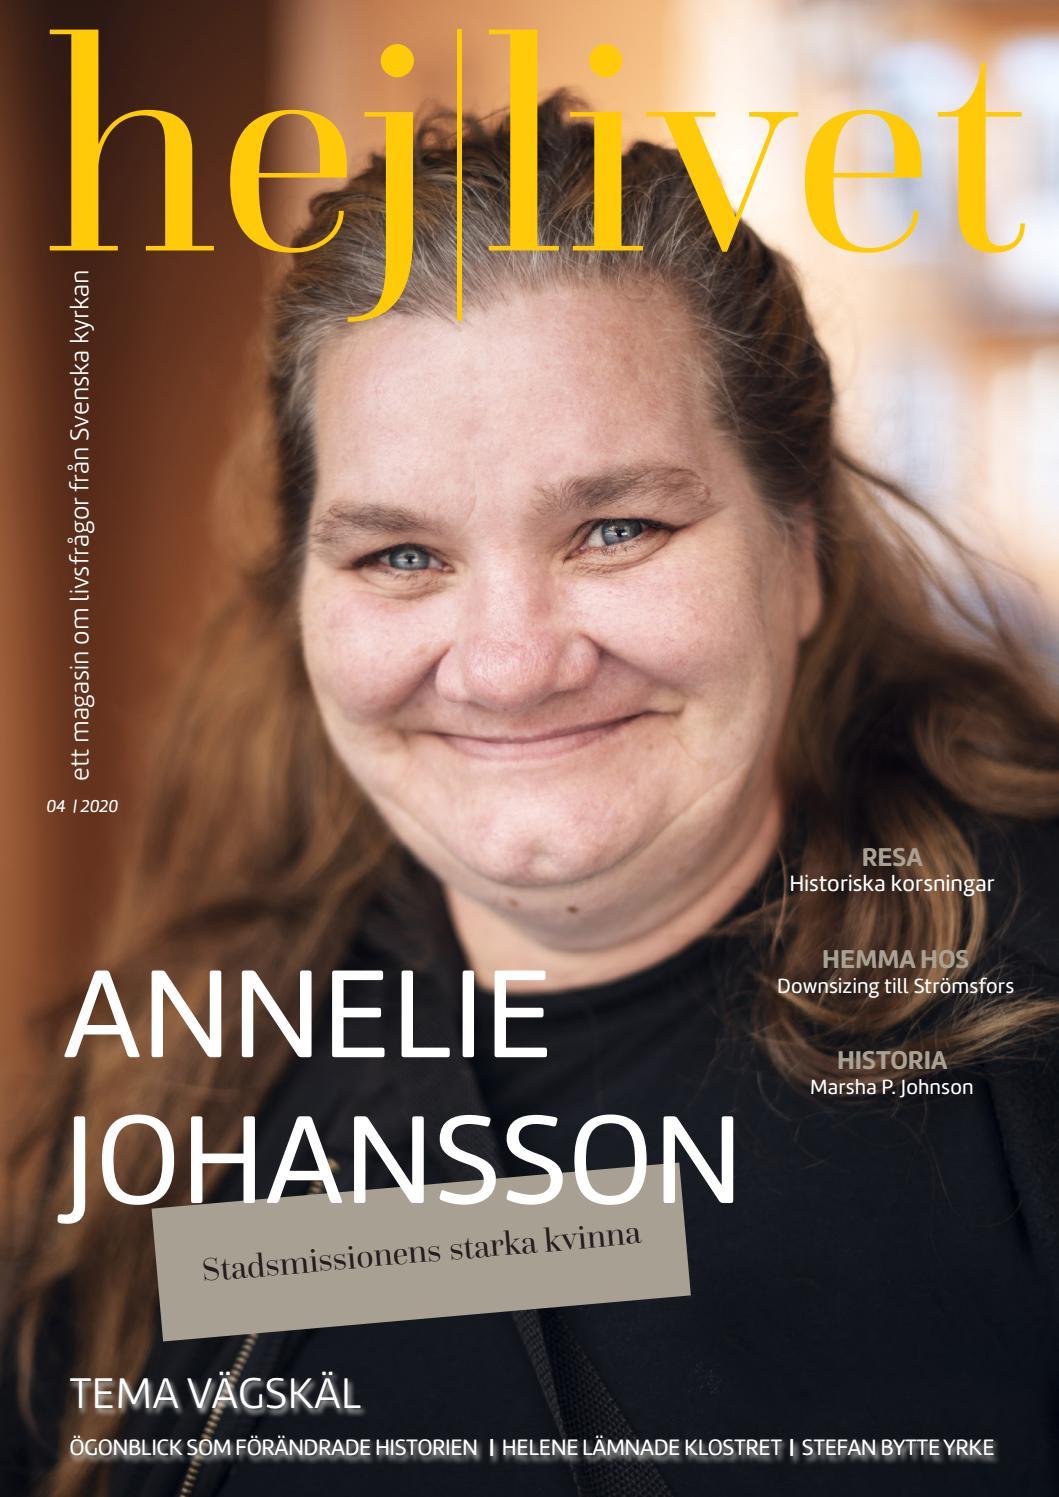 kvinna söker man norrköpings s: t olai mötesplatser för äldre i kvistofta